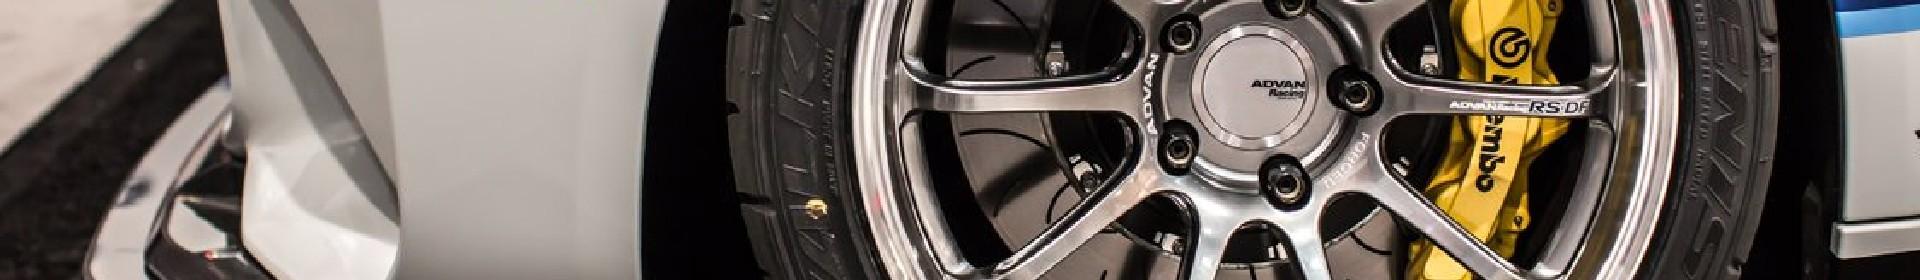 brakes-category-banner.jpg